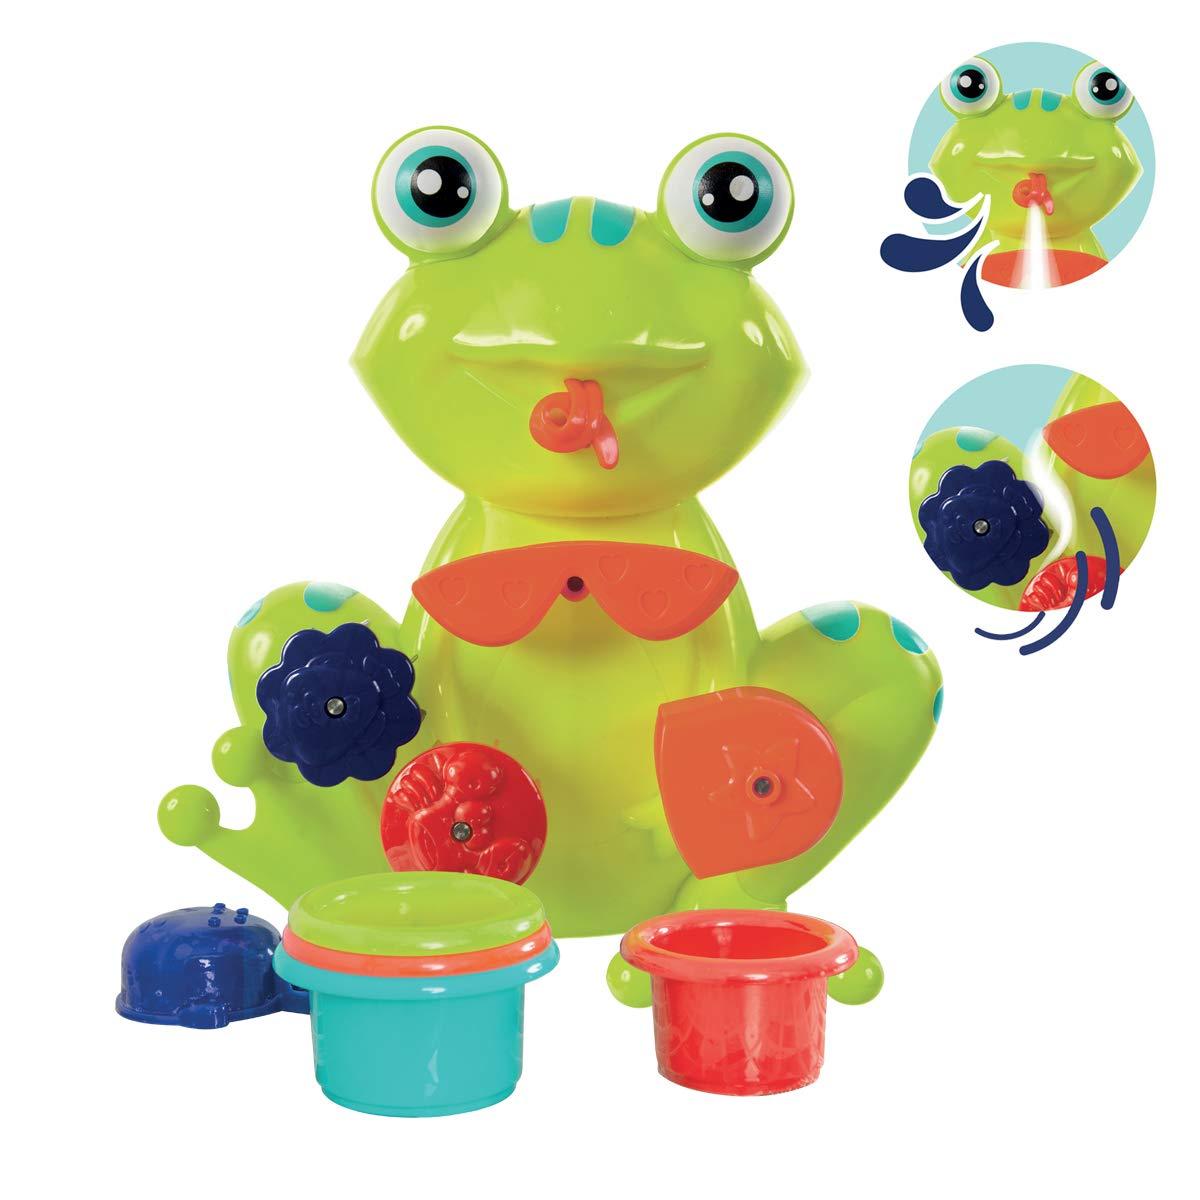 coupelle r/éf D/ès 12 mois Coffret de jeux deau pour le bain : grenouille 2246 moulins verres gigognes perc/és LUDI Fixations ventouses